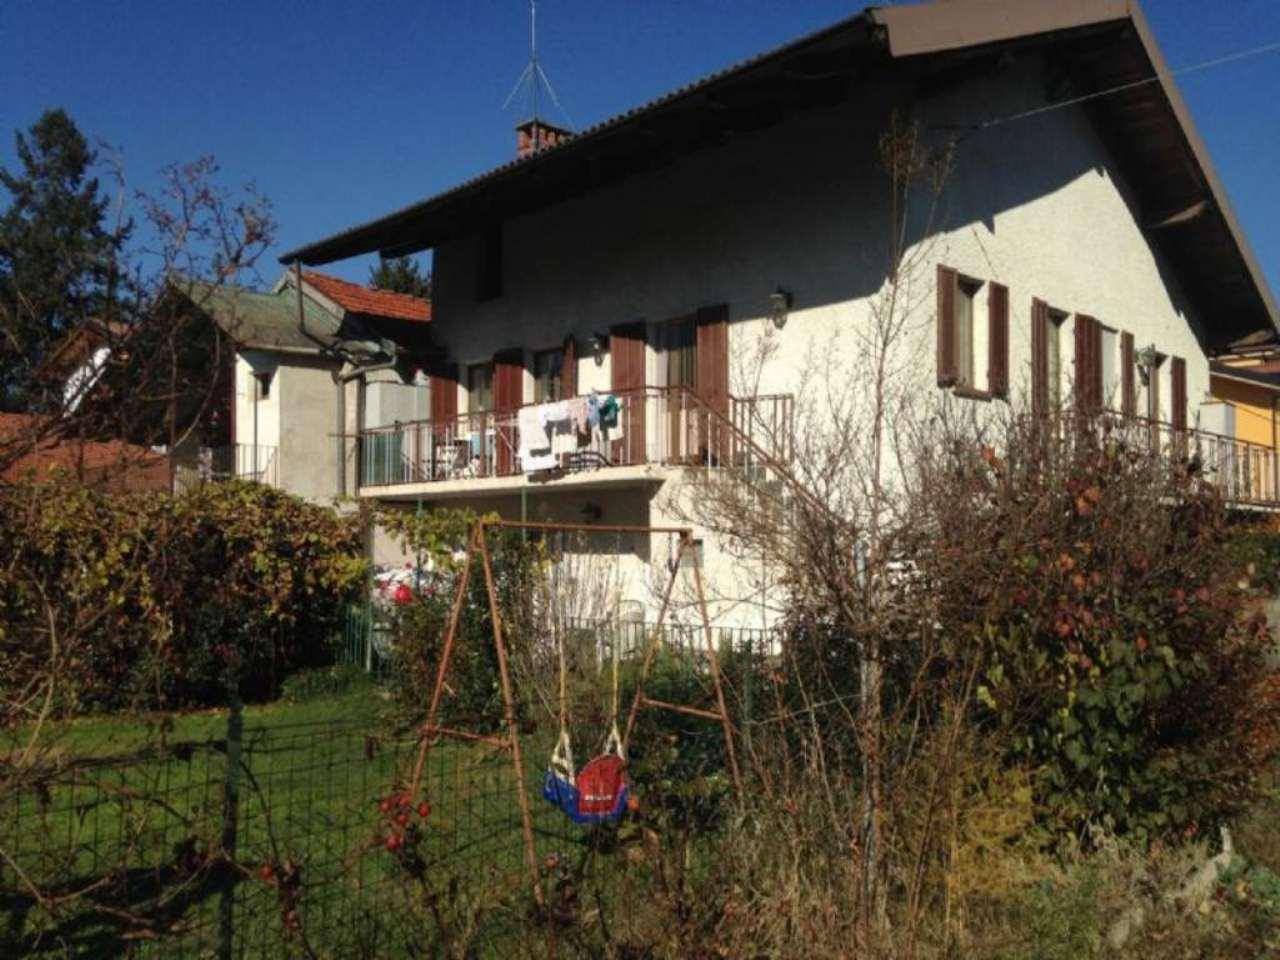 Soluzione Indipendente in vendita a Cuneo, 6 locali, prezzo € 198.000 | Cambio Casa.it